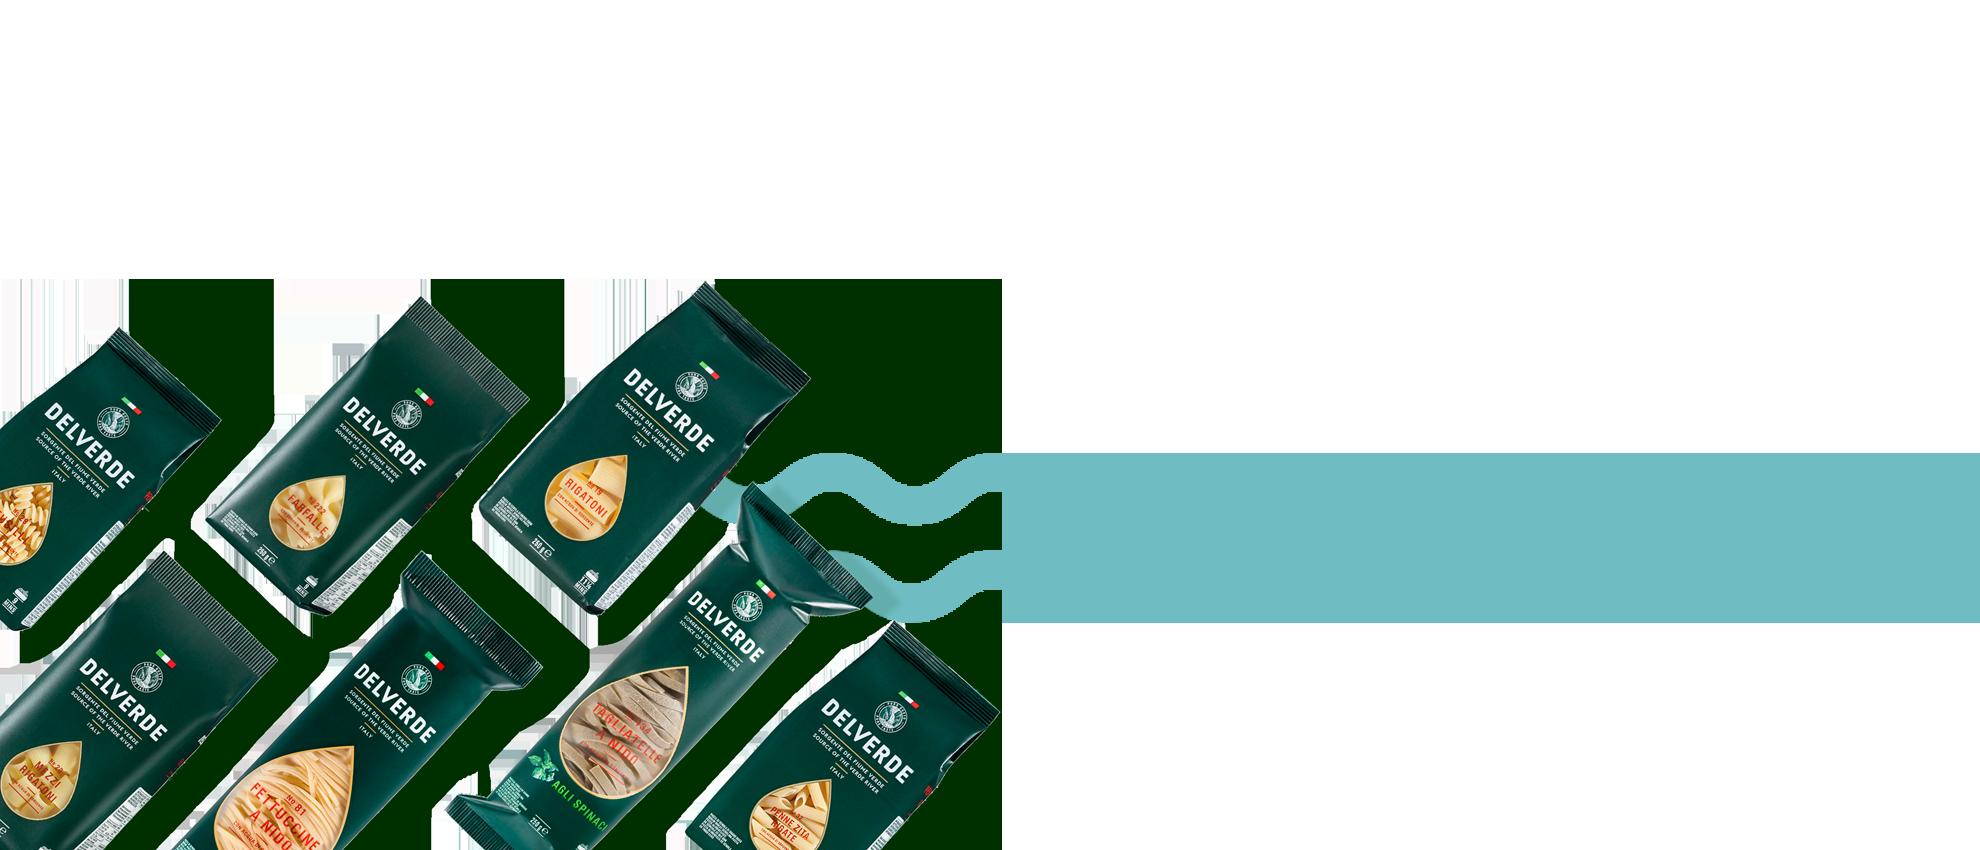 confezioni-pasta-delverde-2-